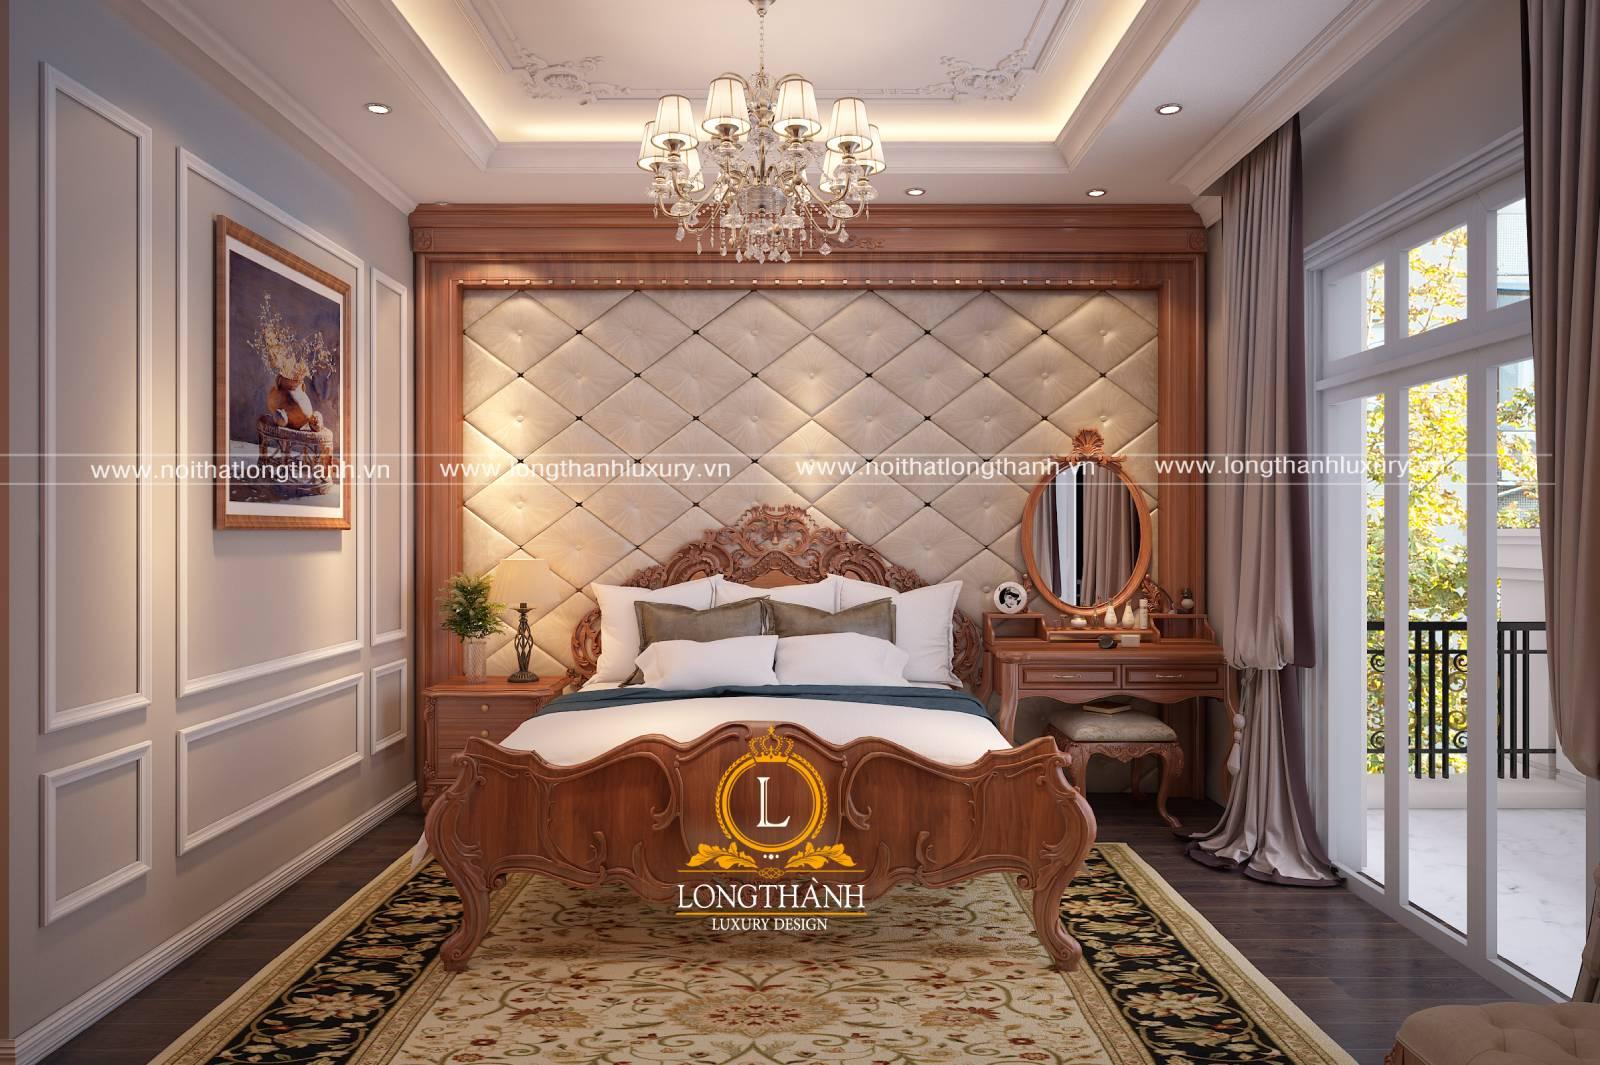 Thi công phòng ngủ tân cổ điển đẹp và chuẩn chỉnh nhờ có bản thiết kế nội thất